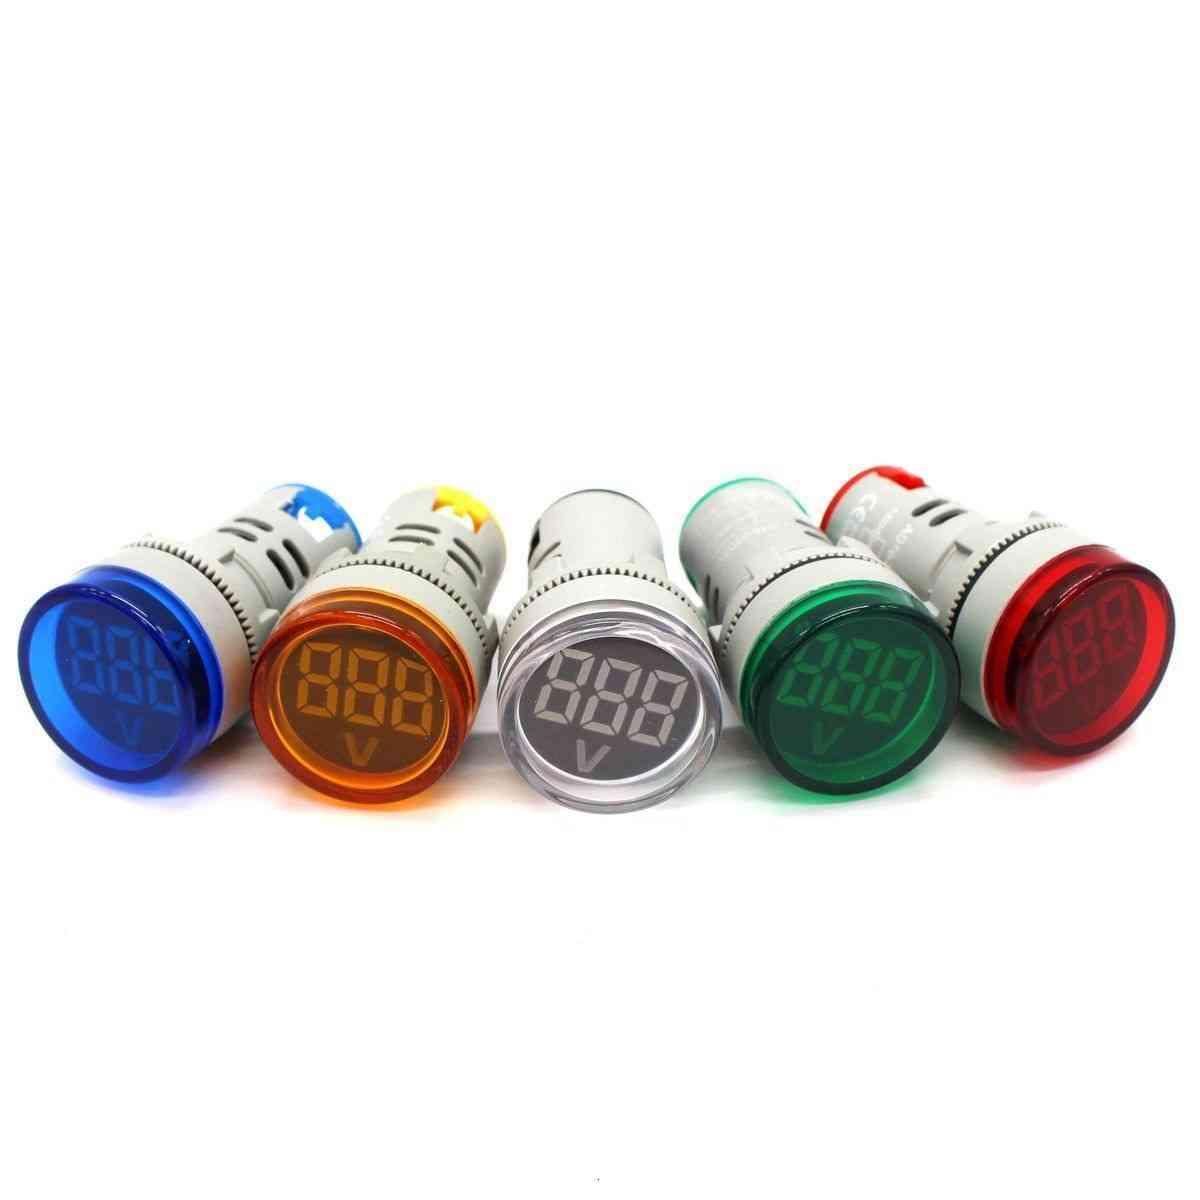 Led Digital Display Gauge Voltmeter Indicator Light - Navigation Tester